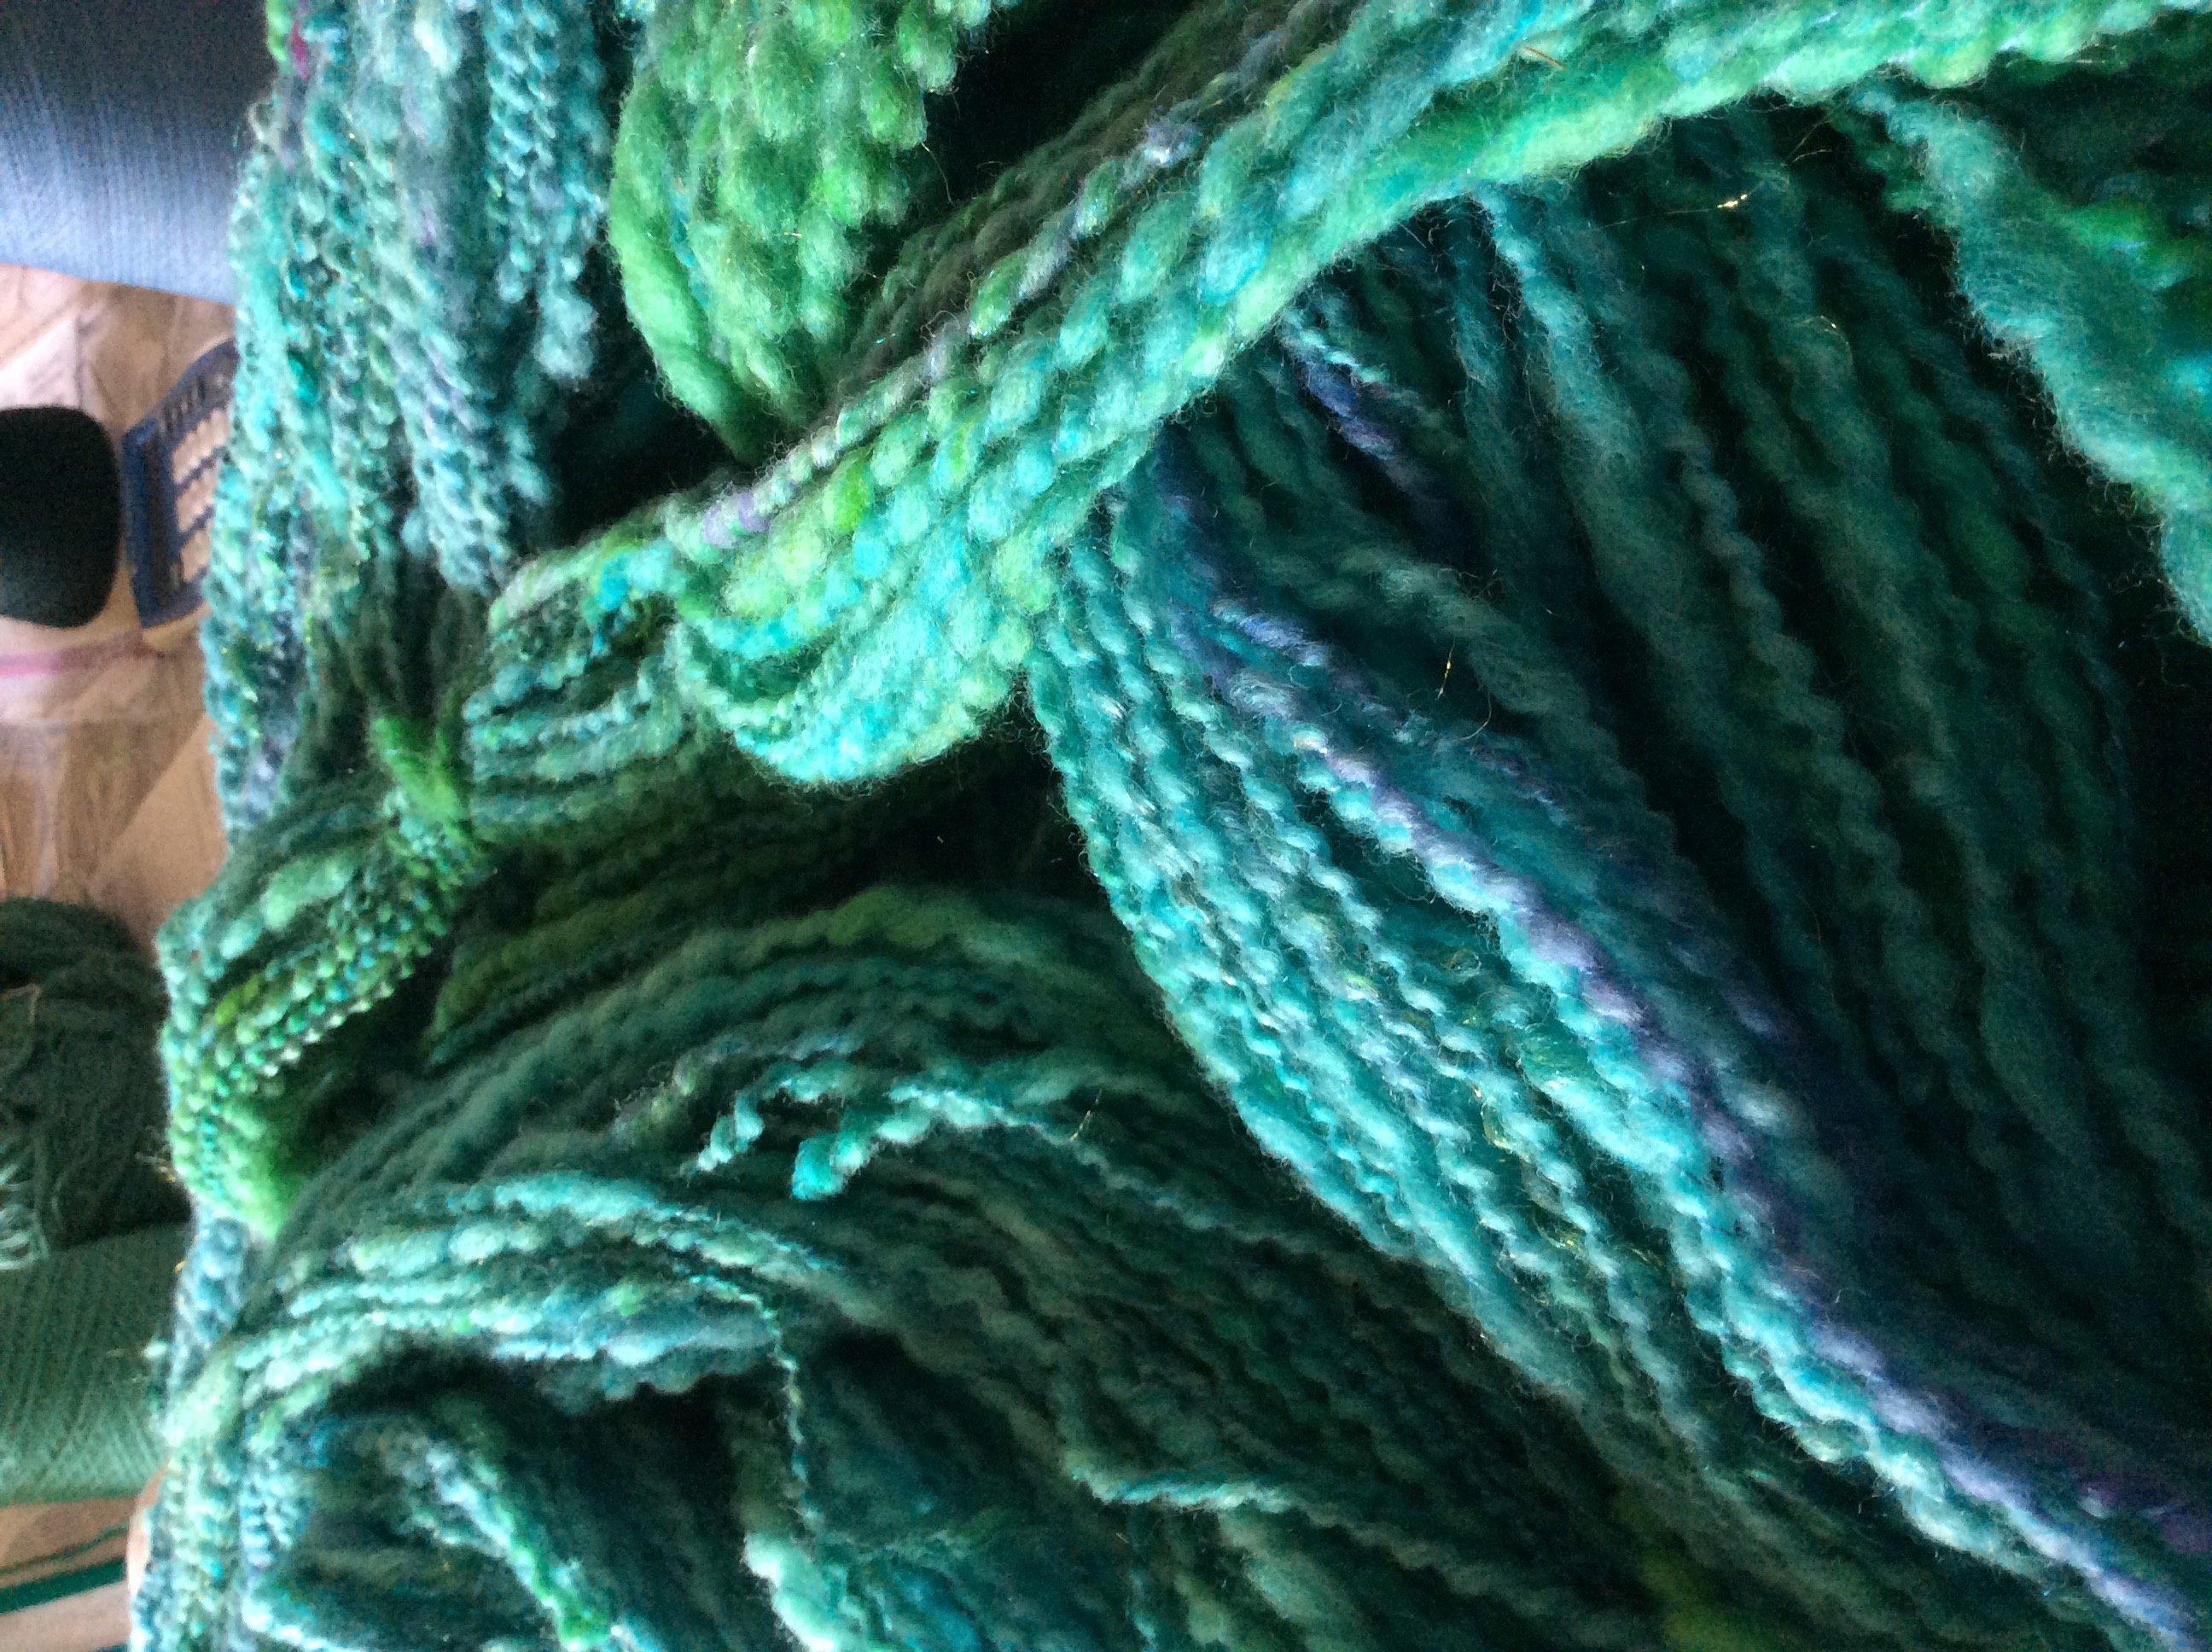 Laura's yarn